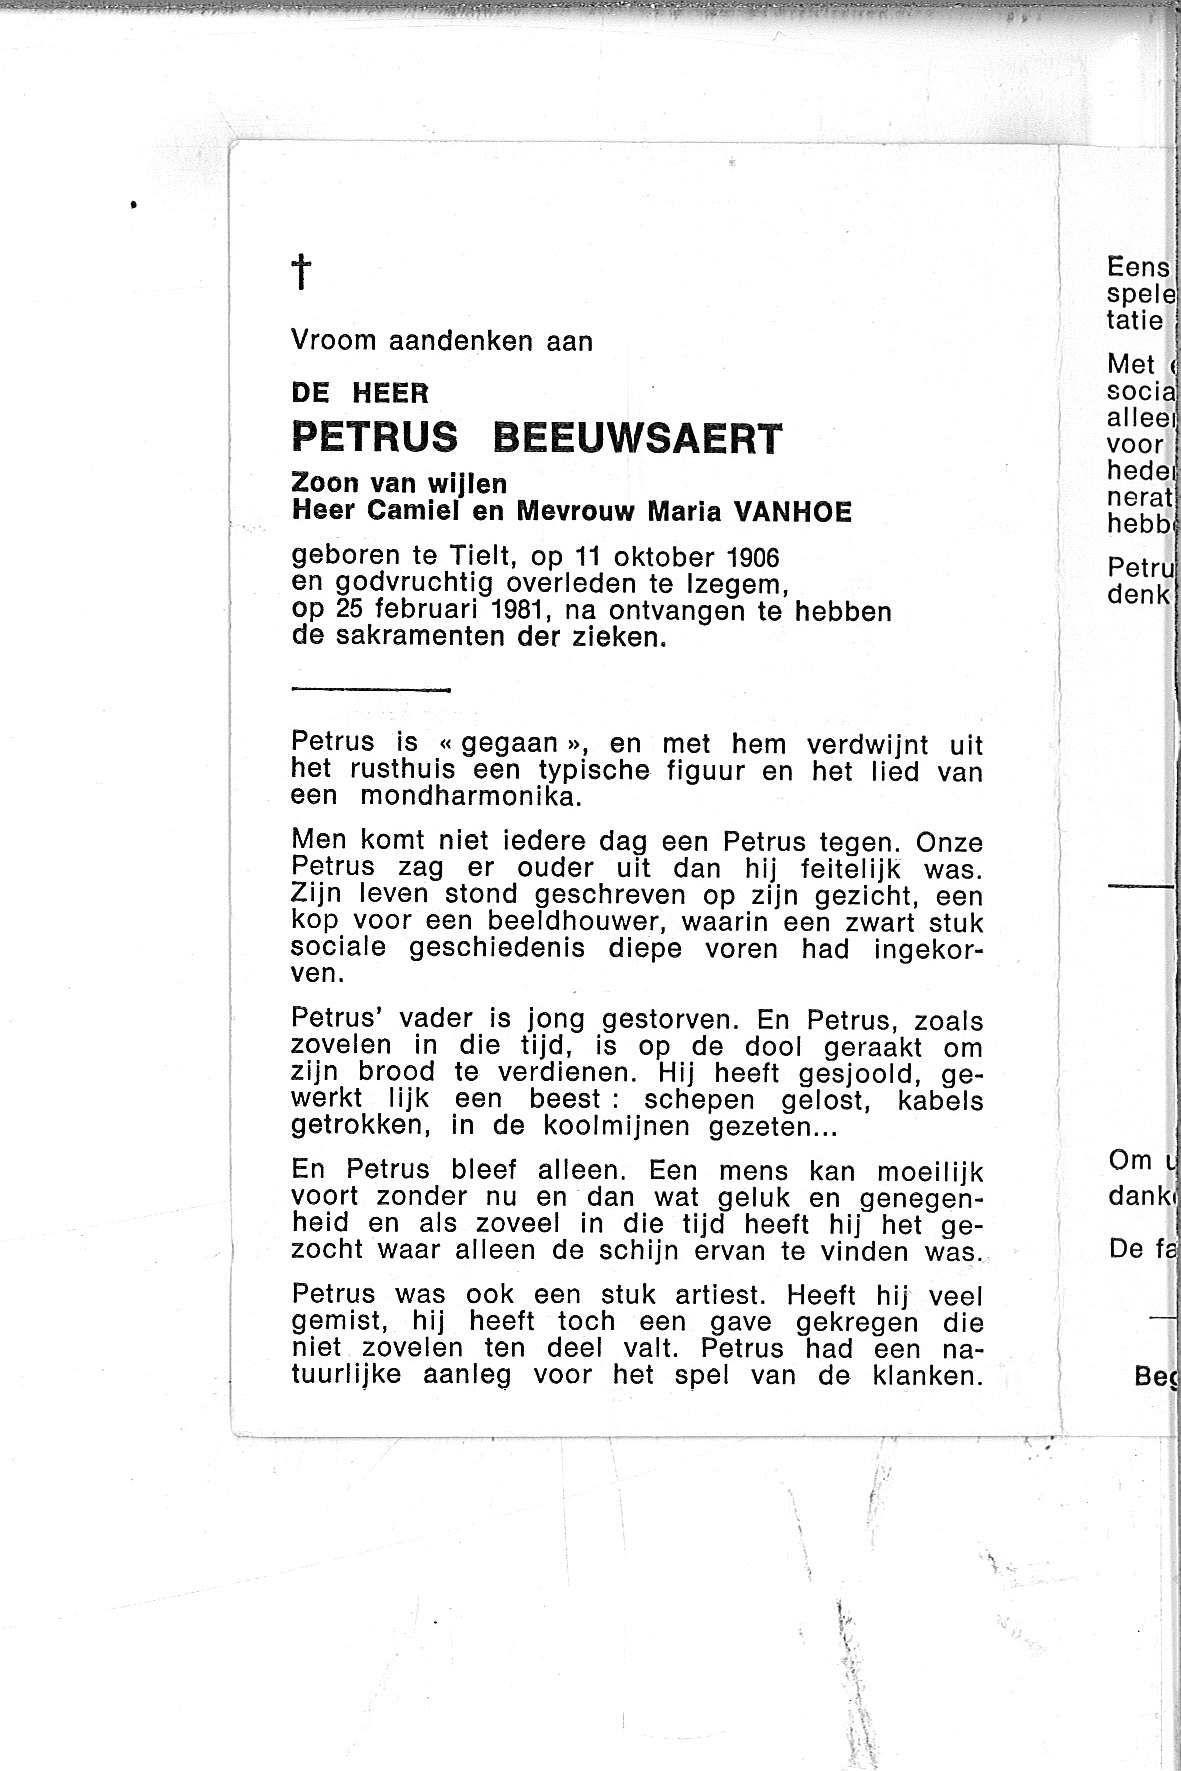 Petrus(1981)20130830104450_00063.jpg